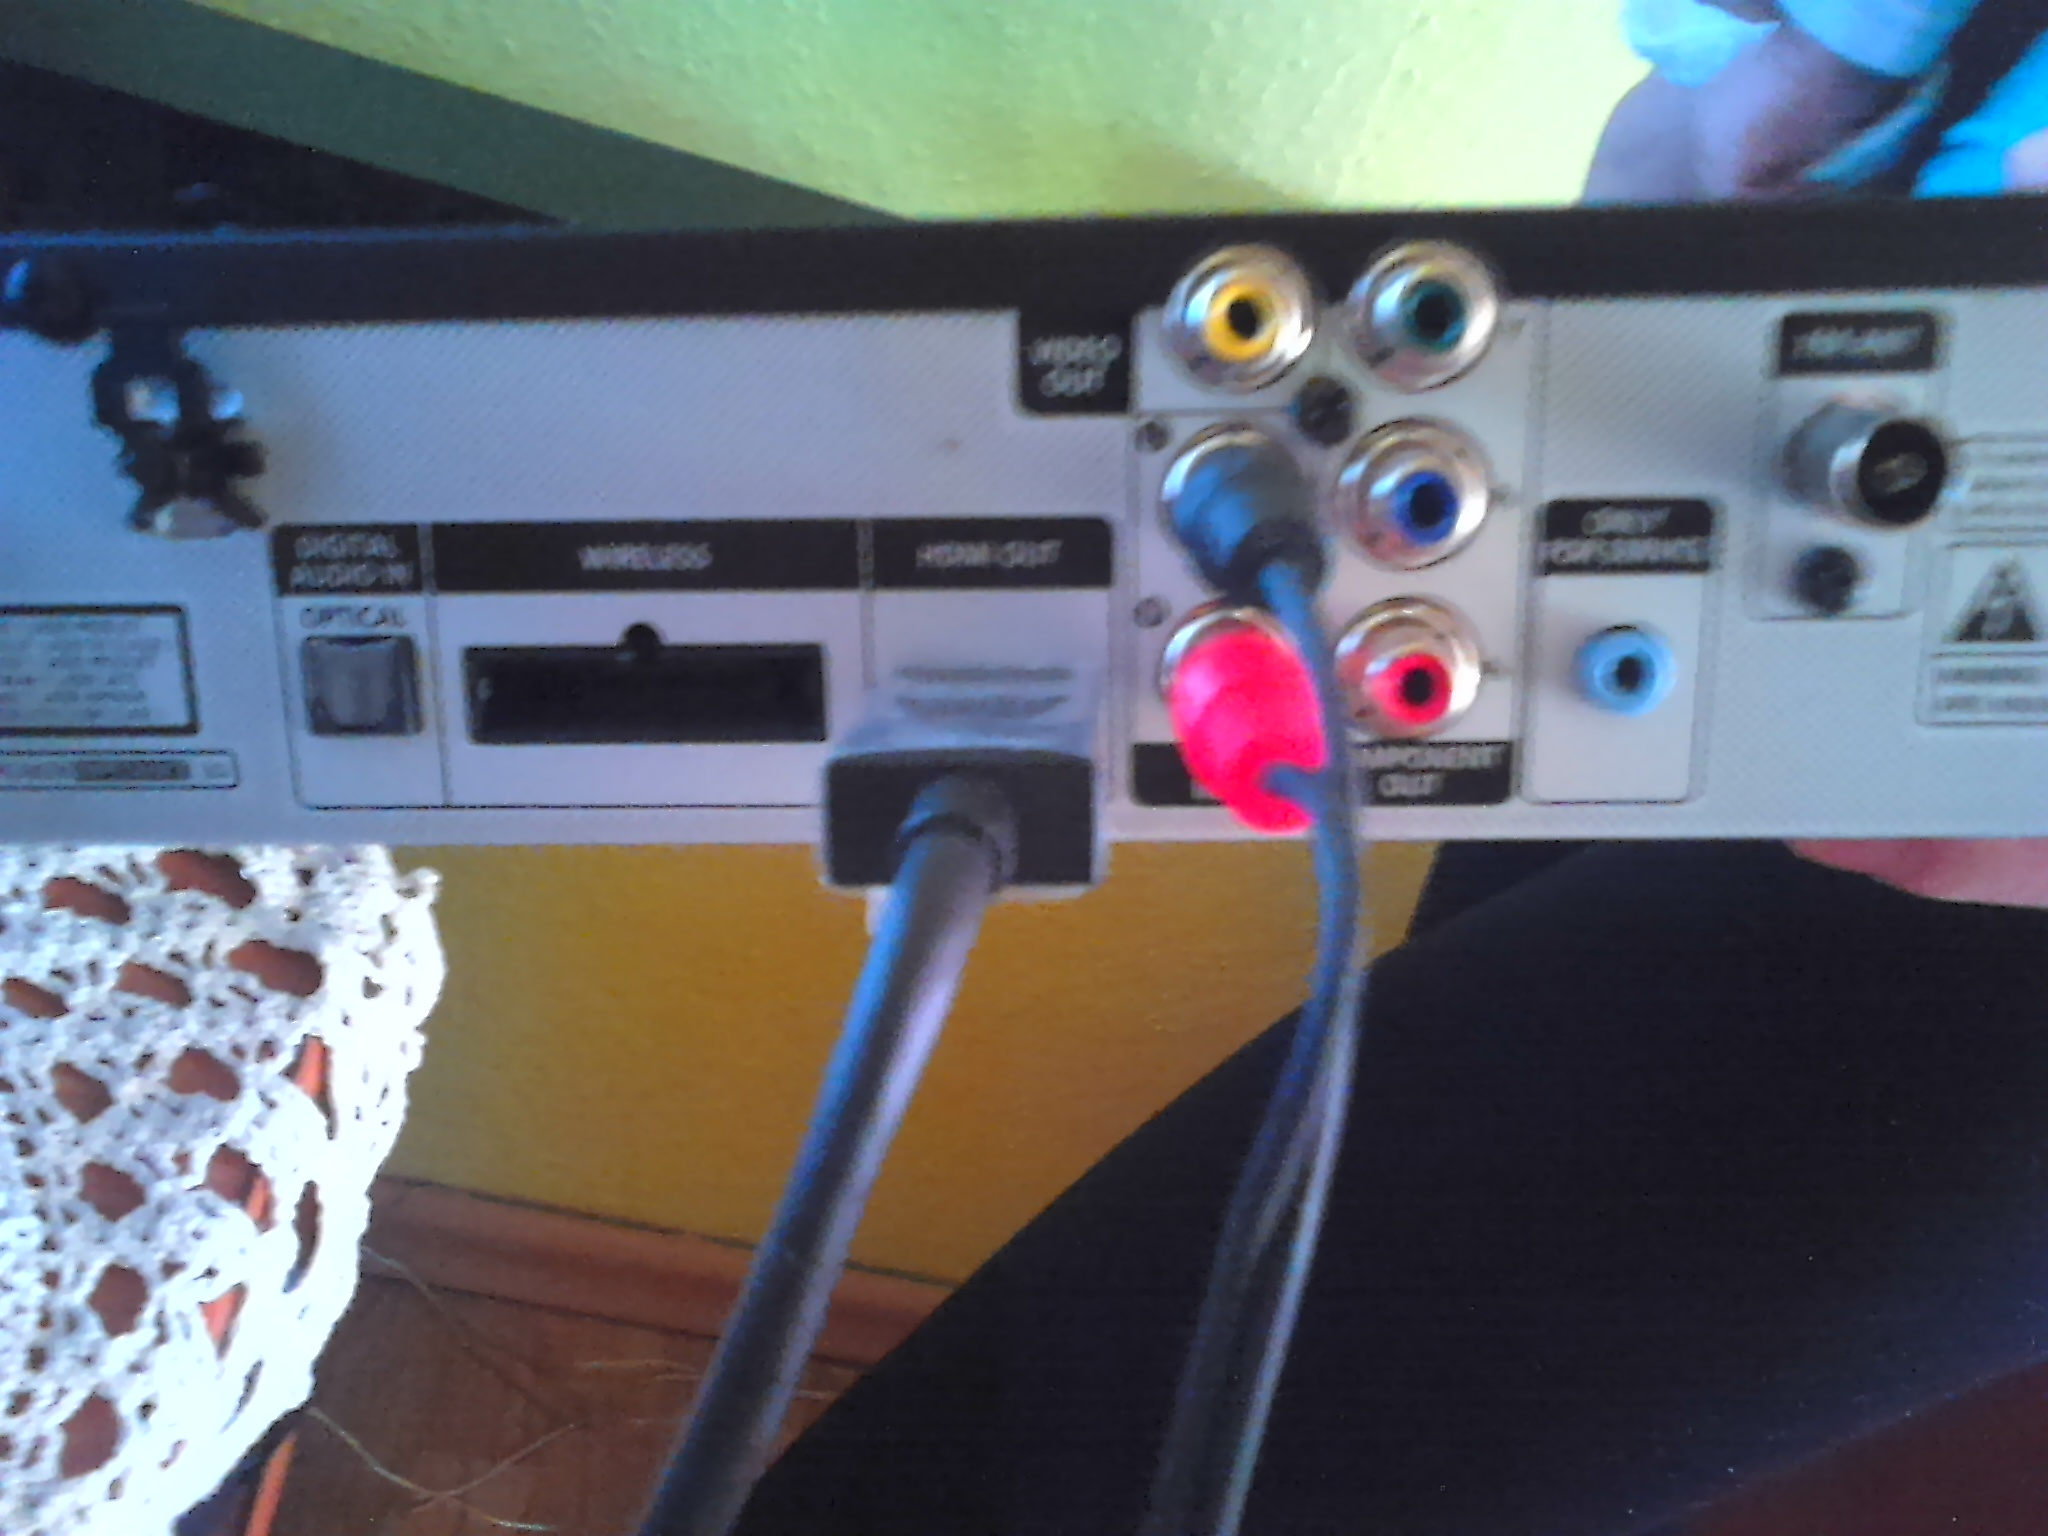 Kino samsung HT-D550 5.1 + Dekoder Vectra + Tv Led / Nie mo�liwe ? ! ?